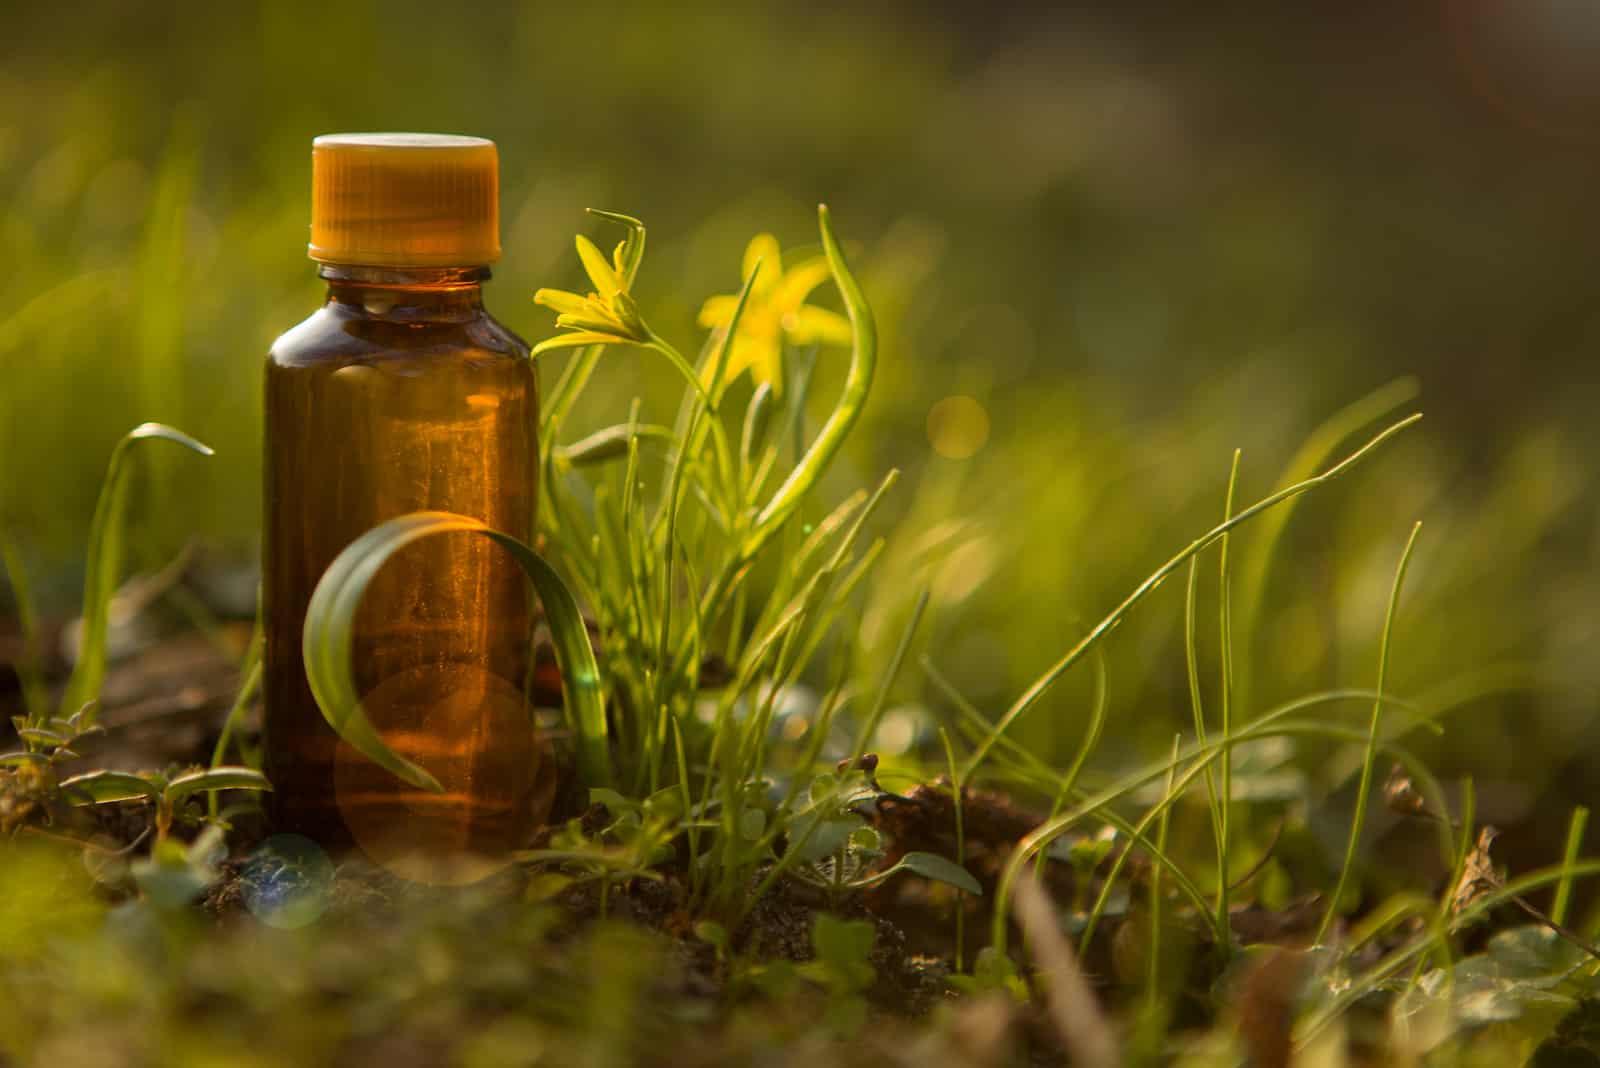 Naturmedizin in der Flasche